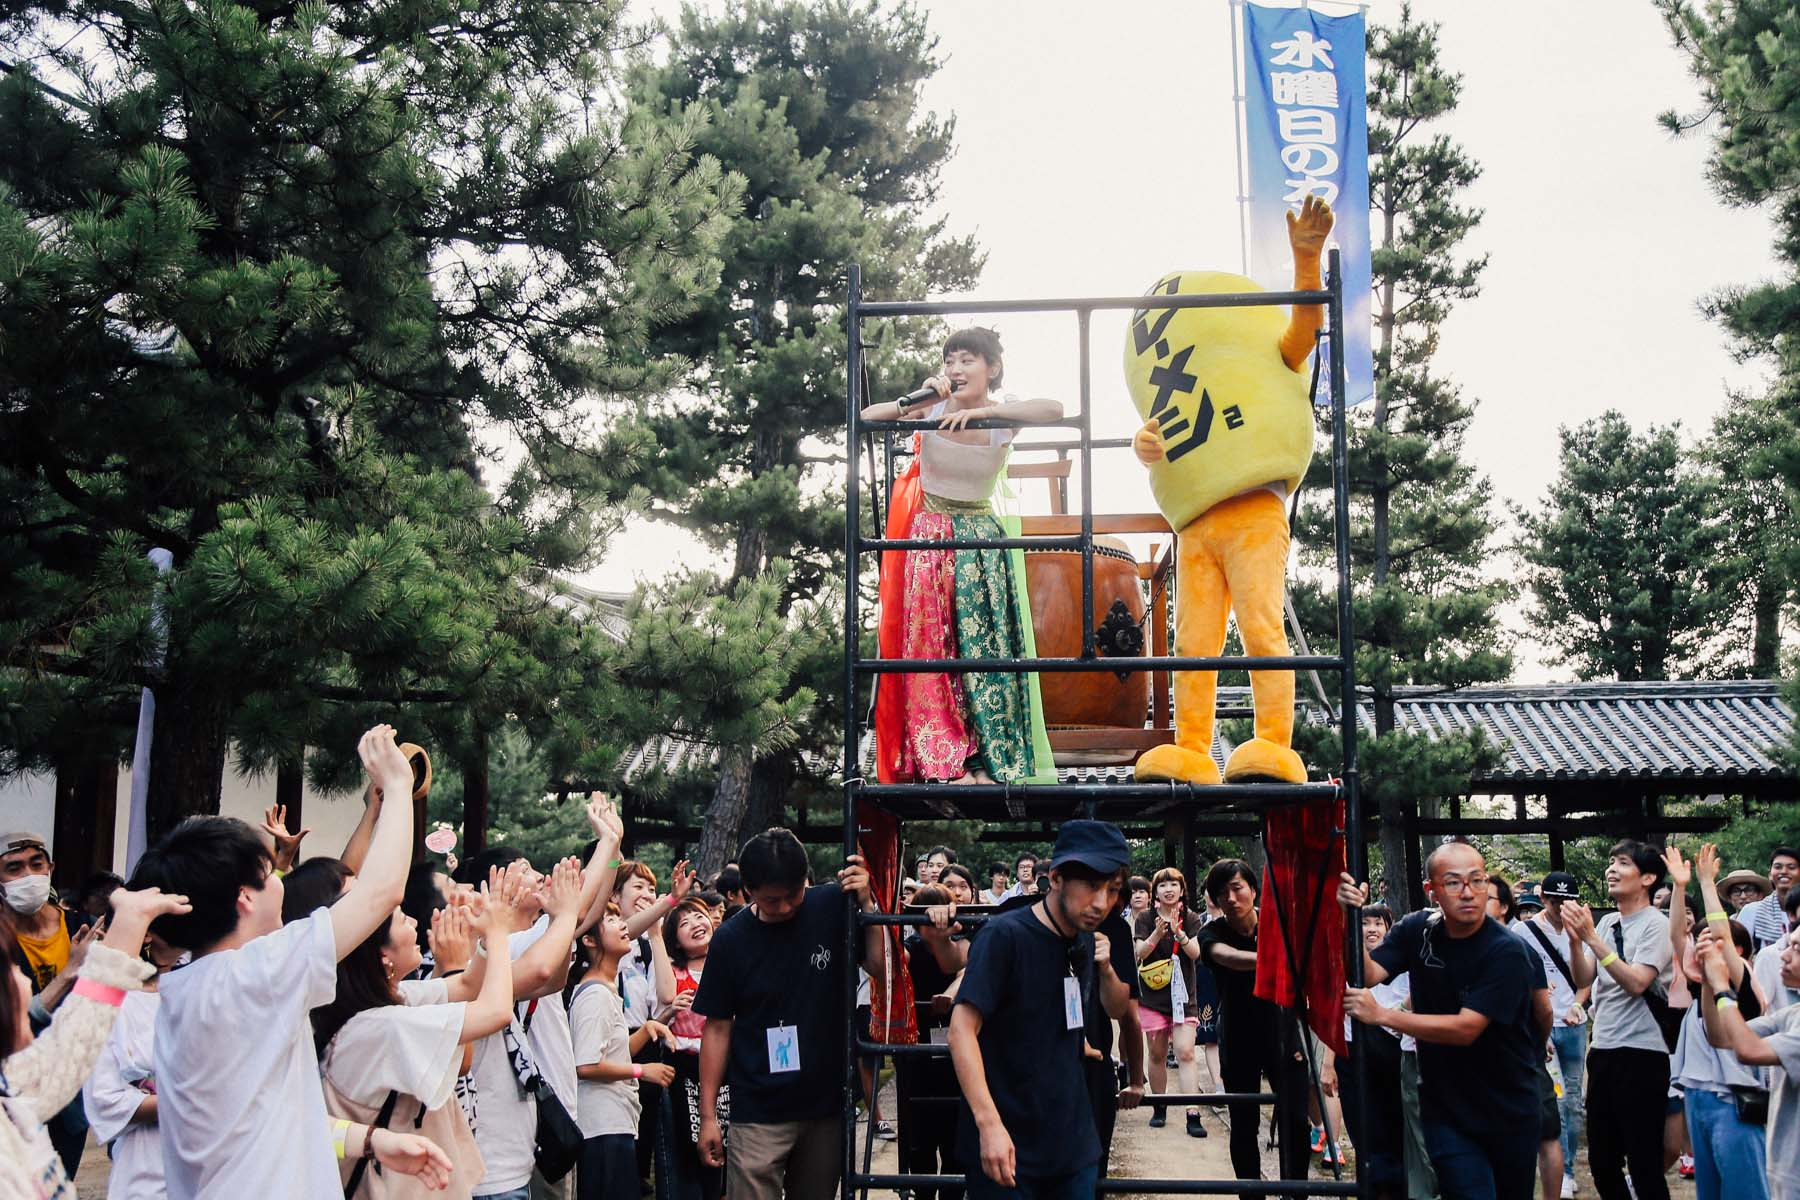 【ライブレポ】水曜日のカンパネラ、京都・萬福寺で見せた既成概念にとわられないライブパフォーマンス EF7Q1652